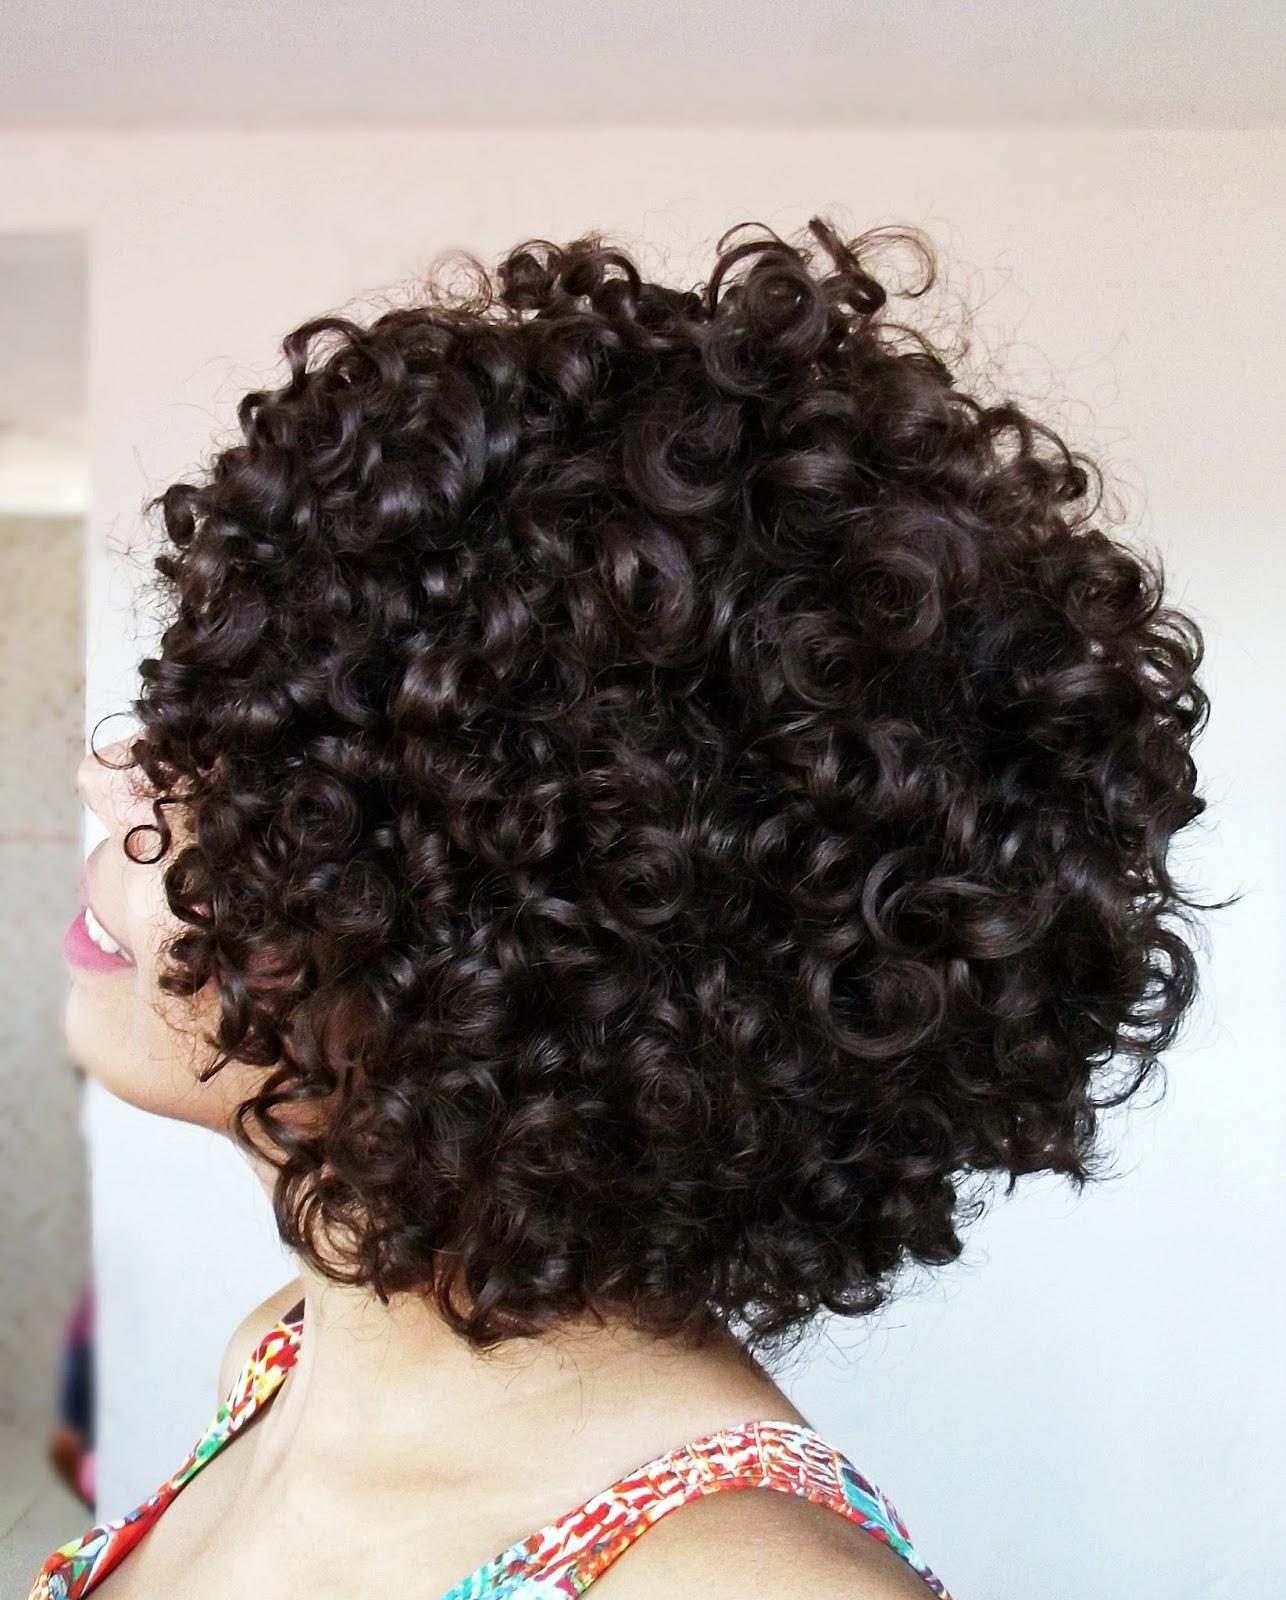 04 DICAS PARA TER MAIS DEFINIÇÃO   CABELOS CACHEADOS E CRESPOS, kahchear, kahena, como definir os cachos, como deixar o cabelo mais definido, cachos definidos, cabelo cacheado e crespo,